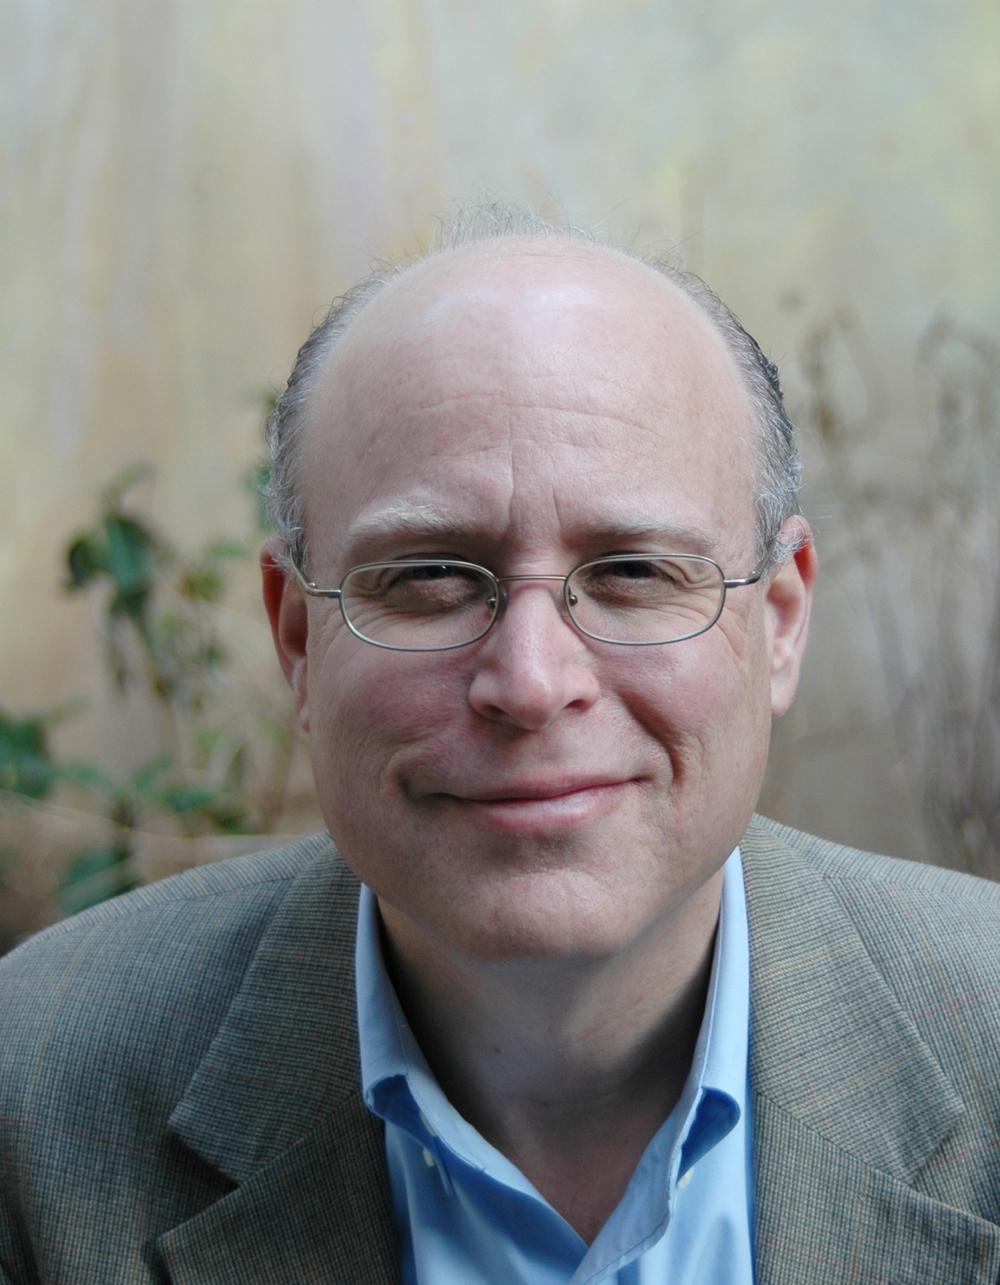 Jay Nordlinger